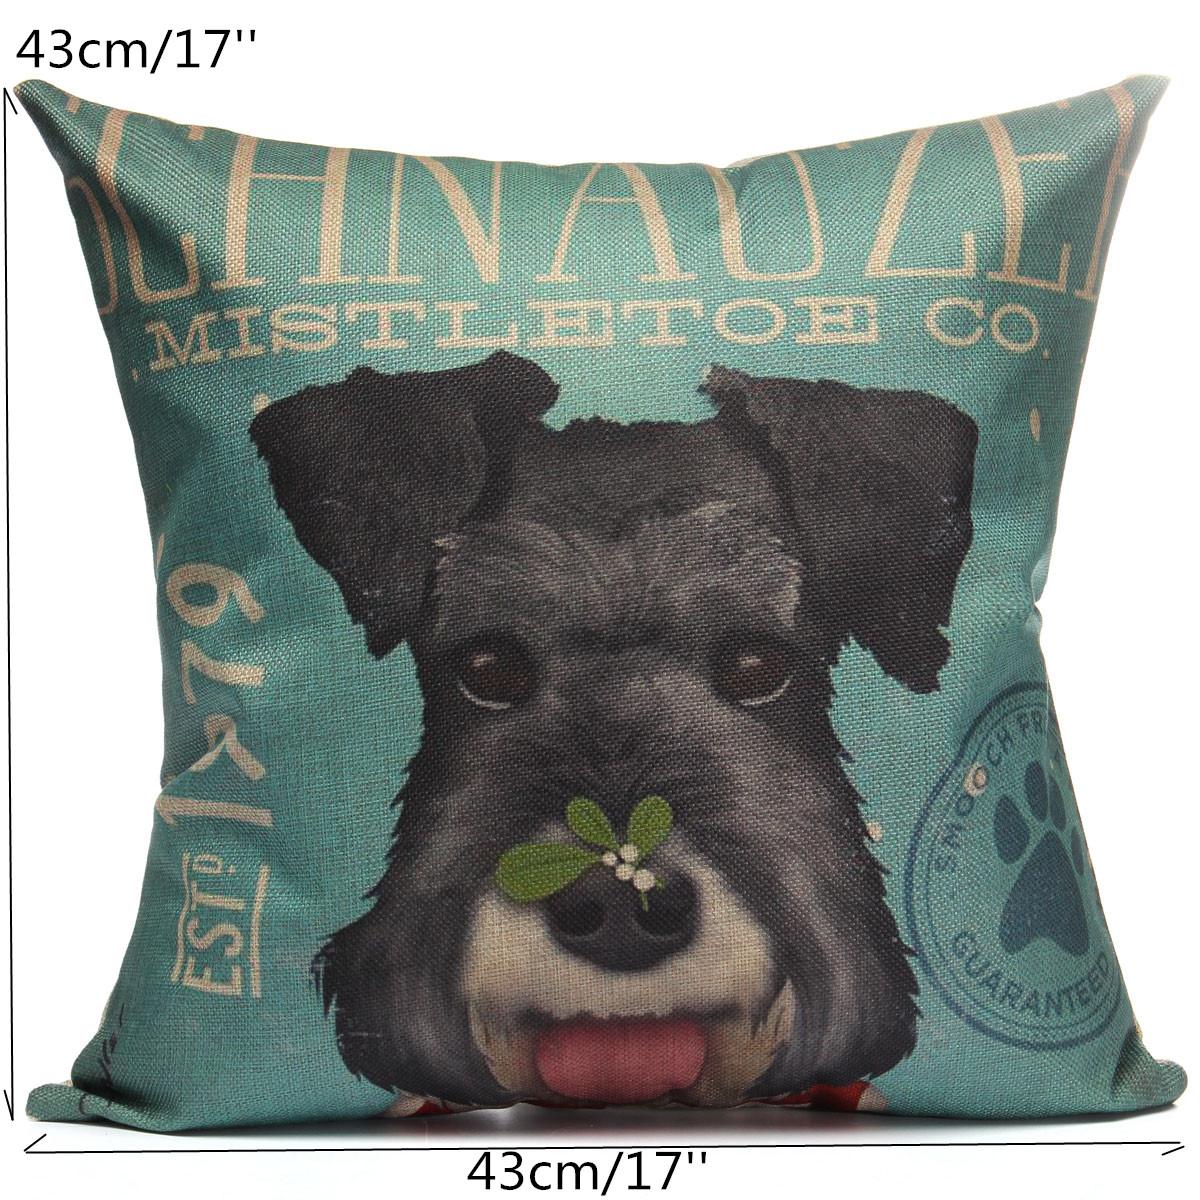 Cushion Cover Dog Animal Throw Sofa Pillow Case Home Decor Cotton Decorative eBay